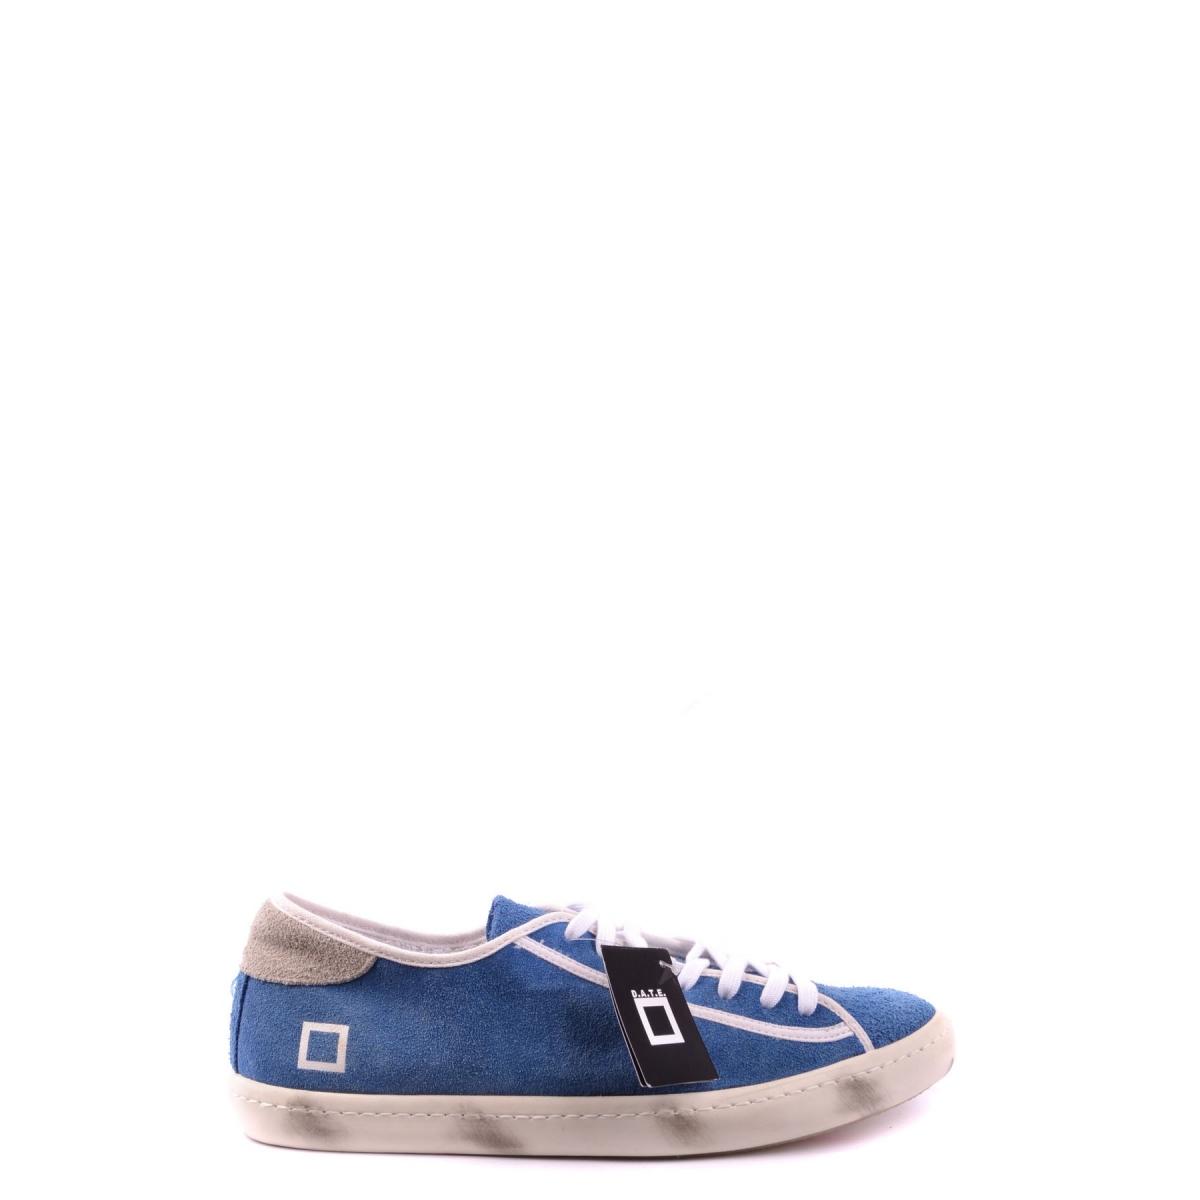 Sneakers D.A.T.E. PR442 17542IT -50% Scarpe da uomo classiche economiche e belle